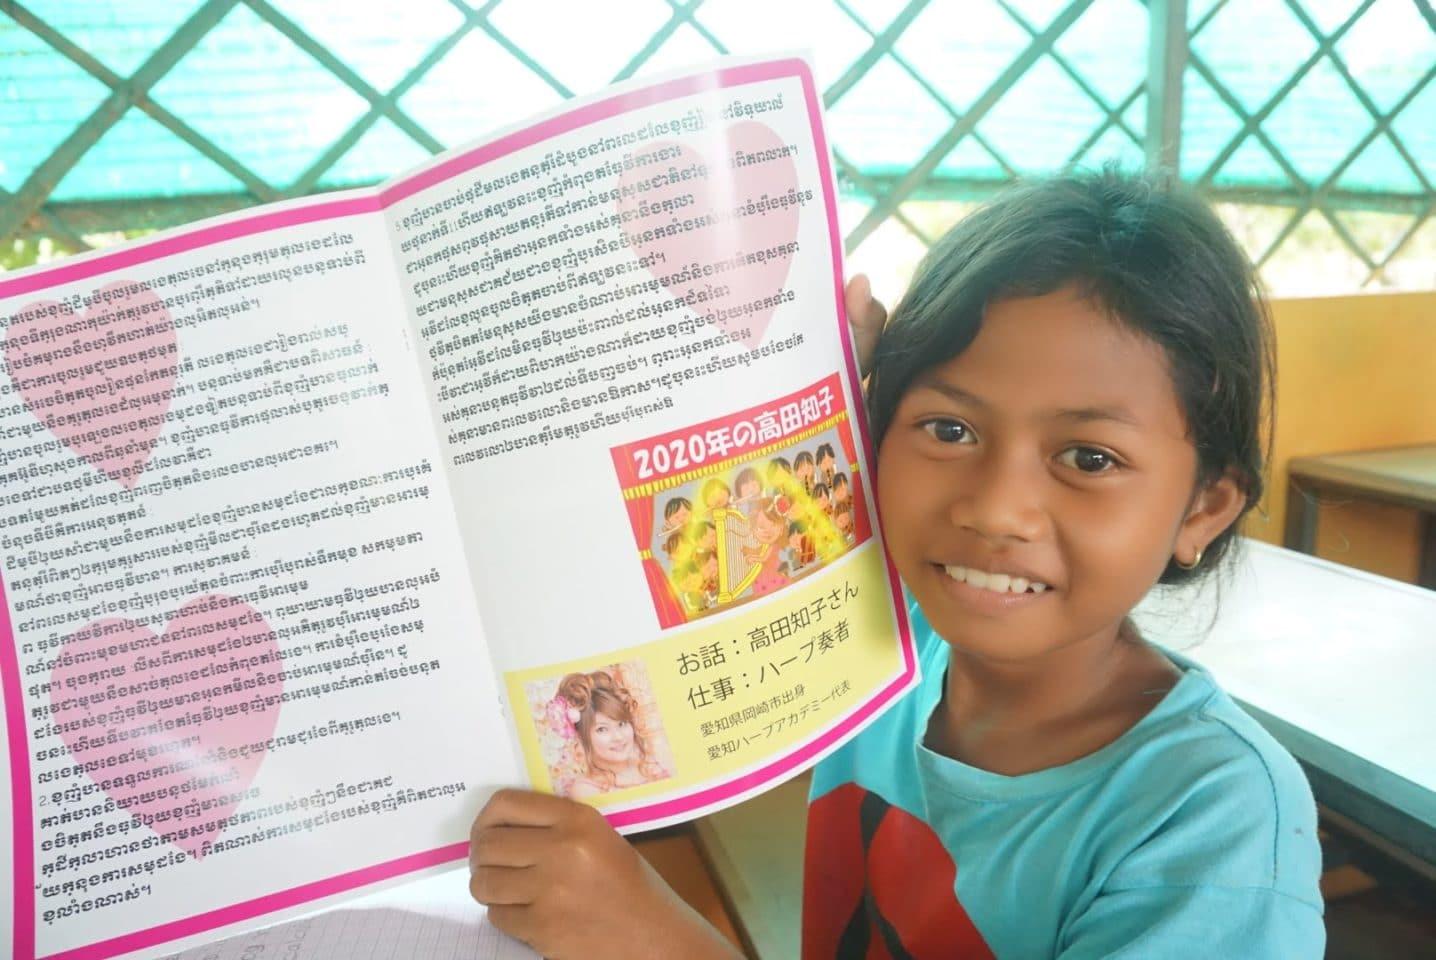 クメール語に翻訳された教科書